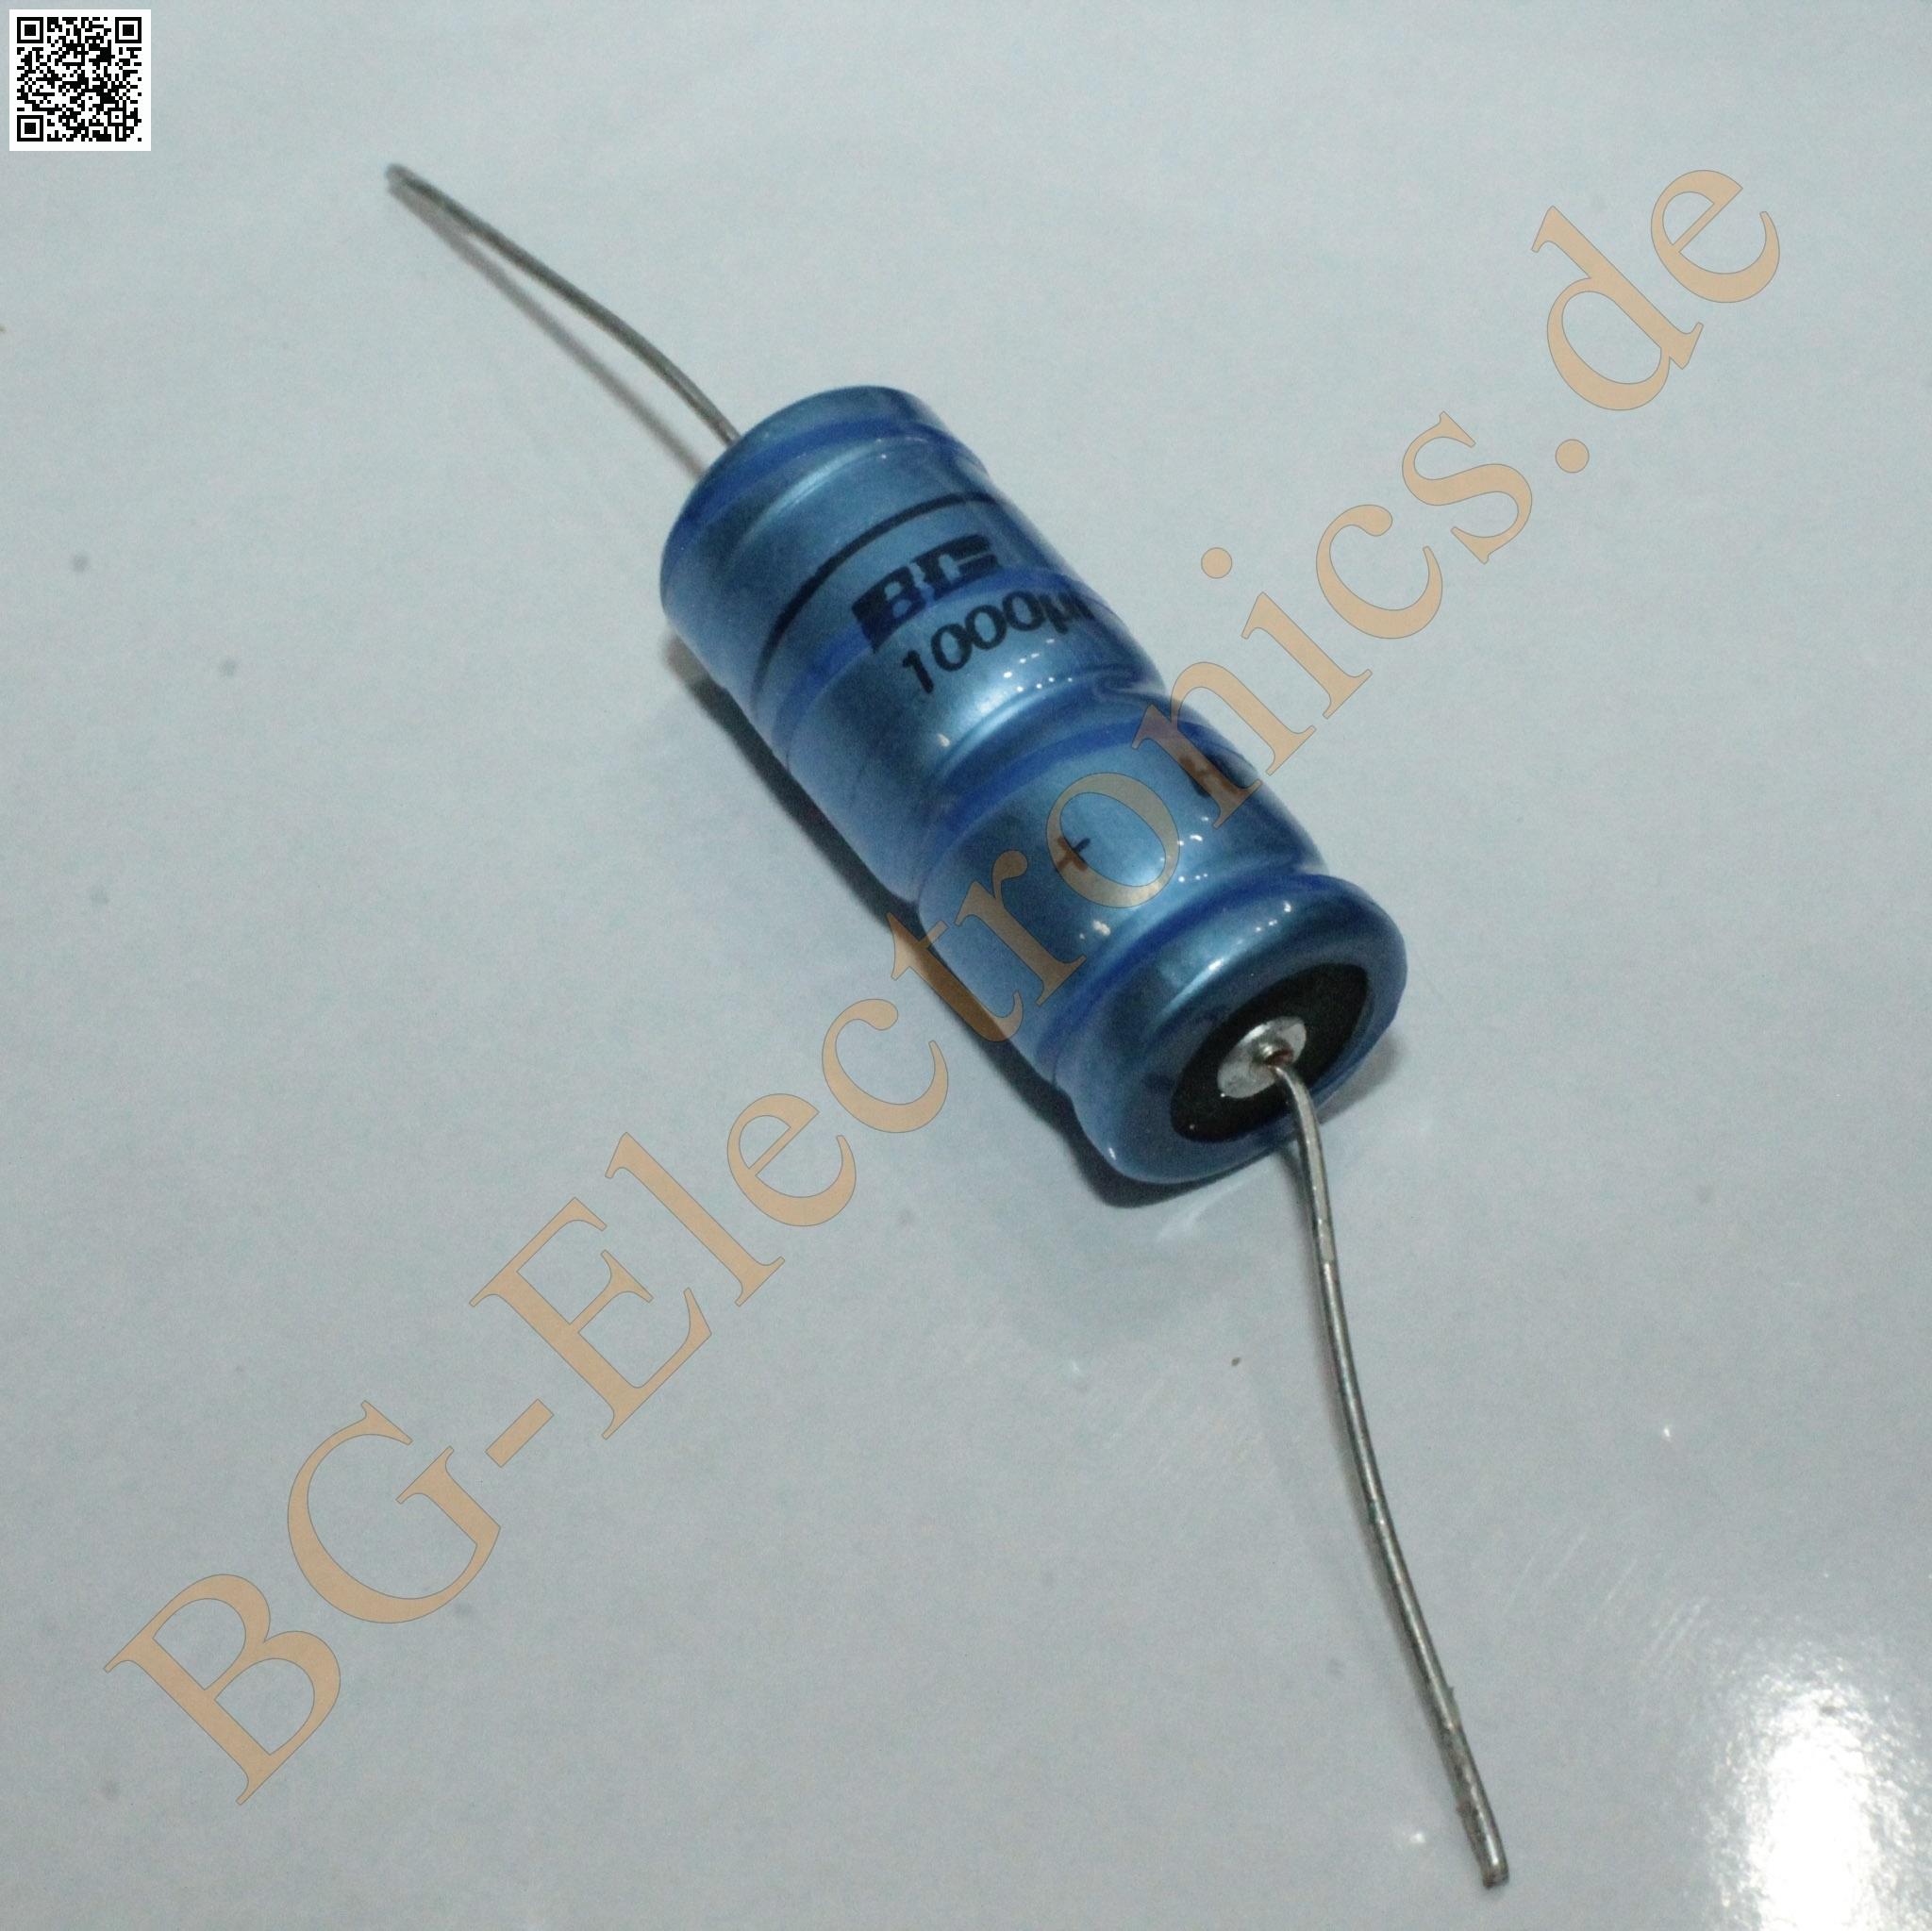 1 x 470µF 470uF 63V 85° Elko Kondensator Capacitor axial EL-A 470µF Vishay  1pcs